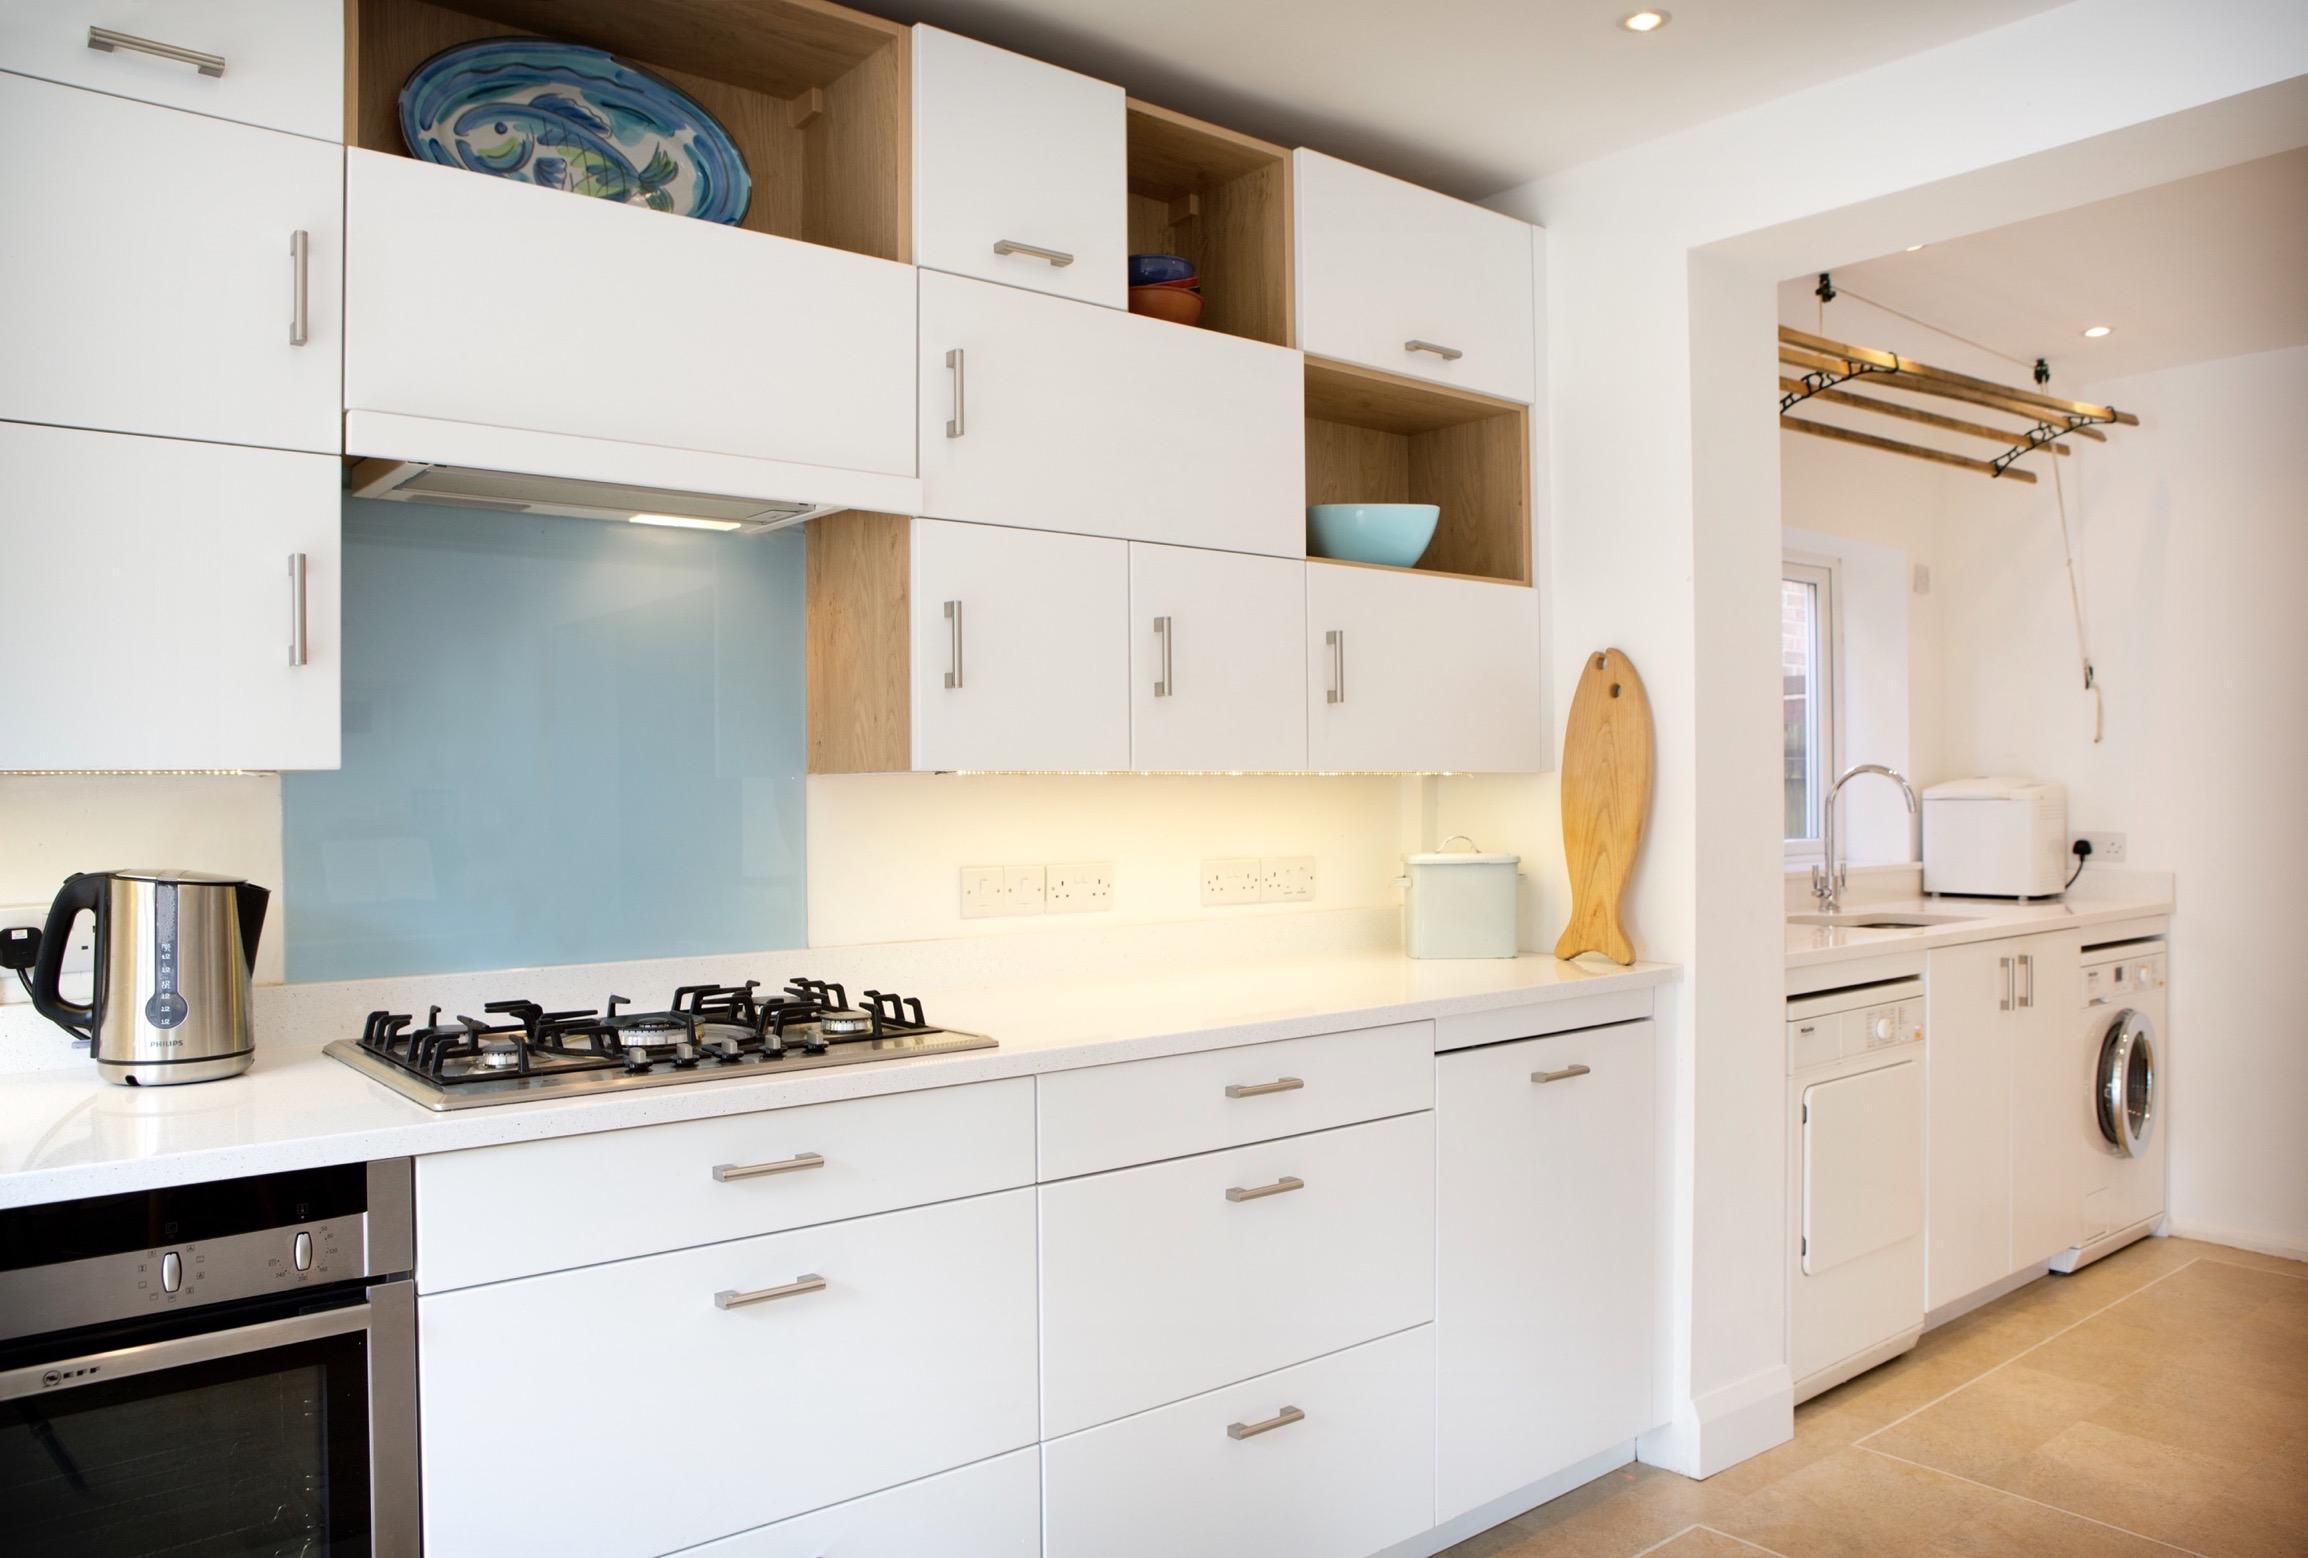 Oxford modular kitchen glass backsplash airer white quartz 1